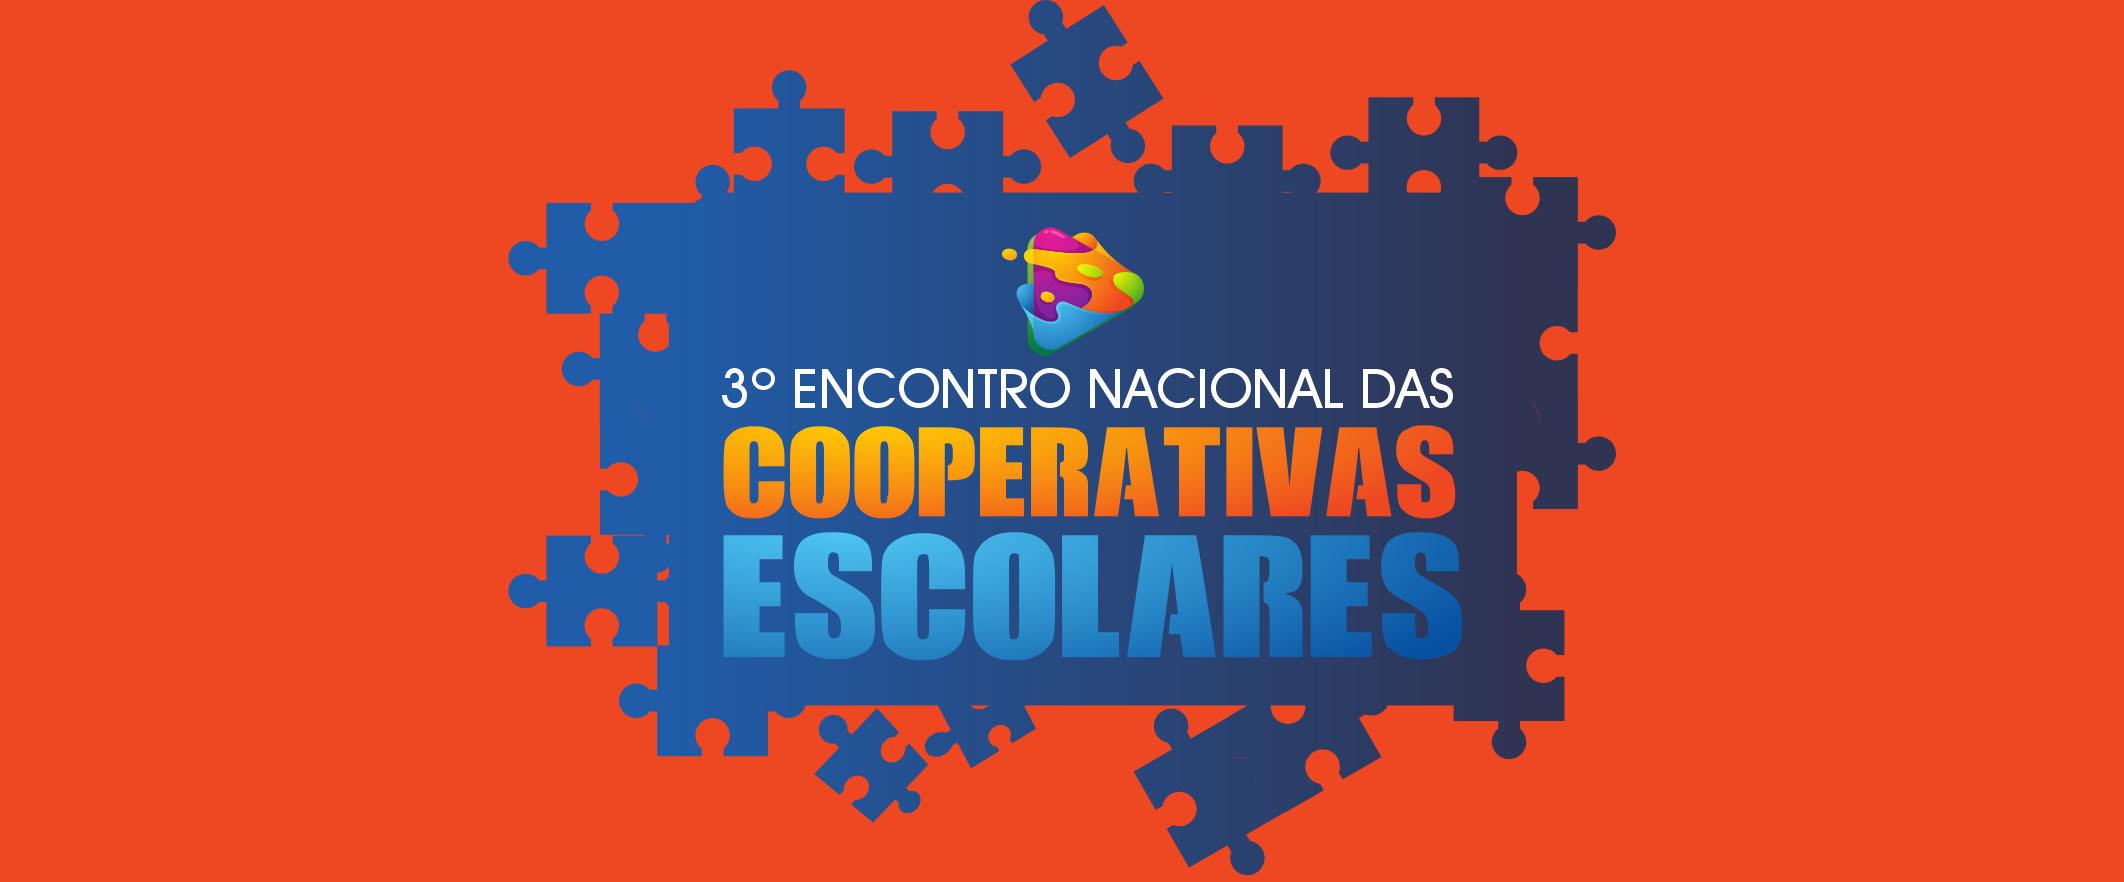 Inscrições para o 3º Encontro Nacional de Cooperativas Escolares estão abertas